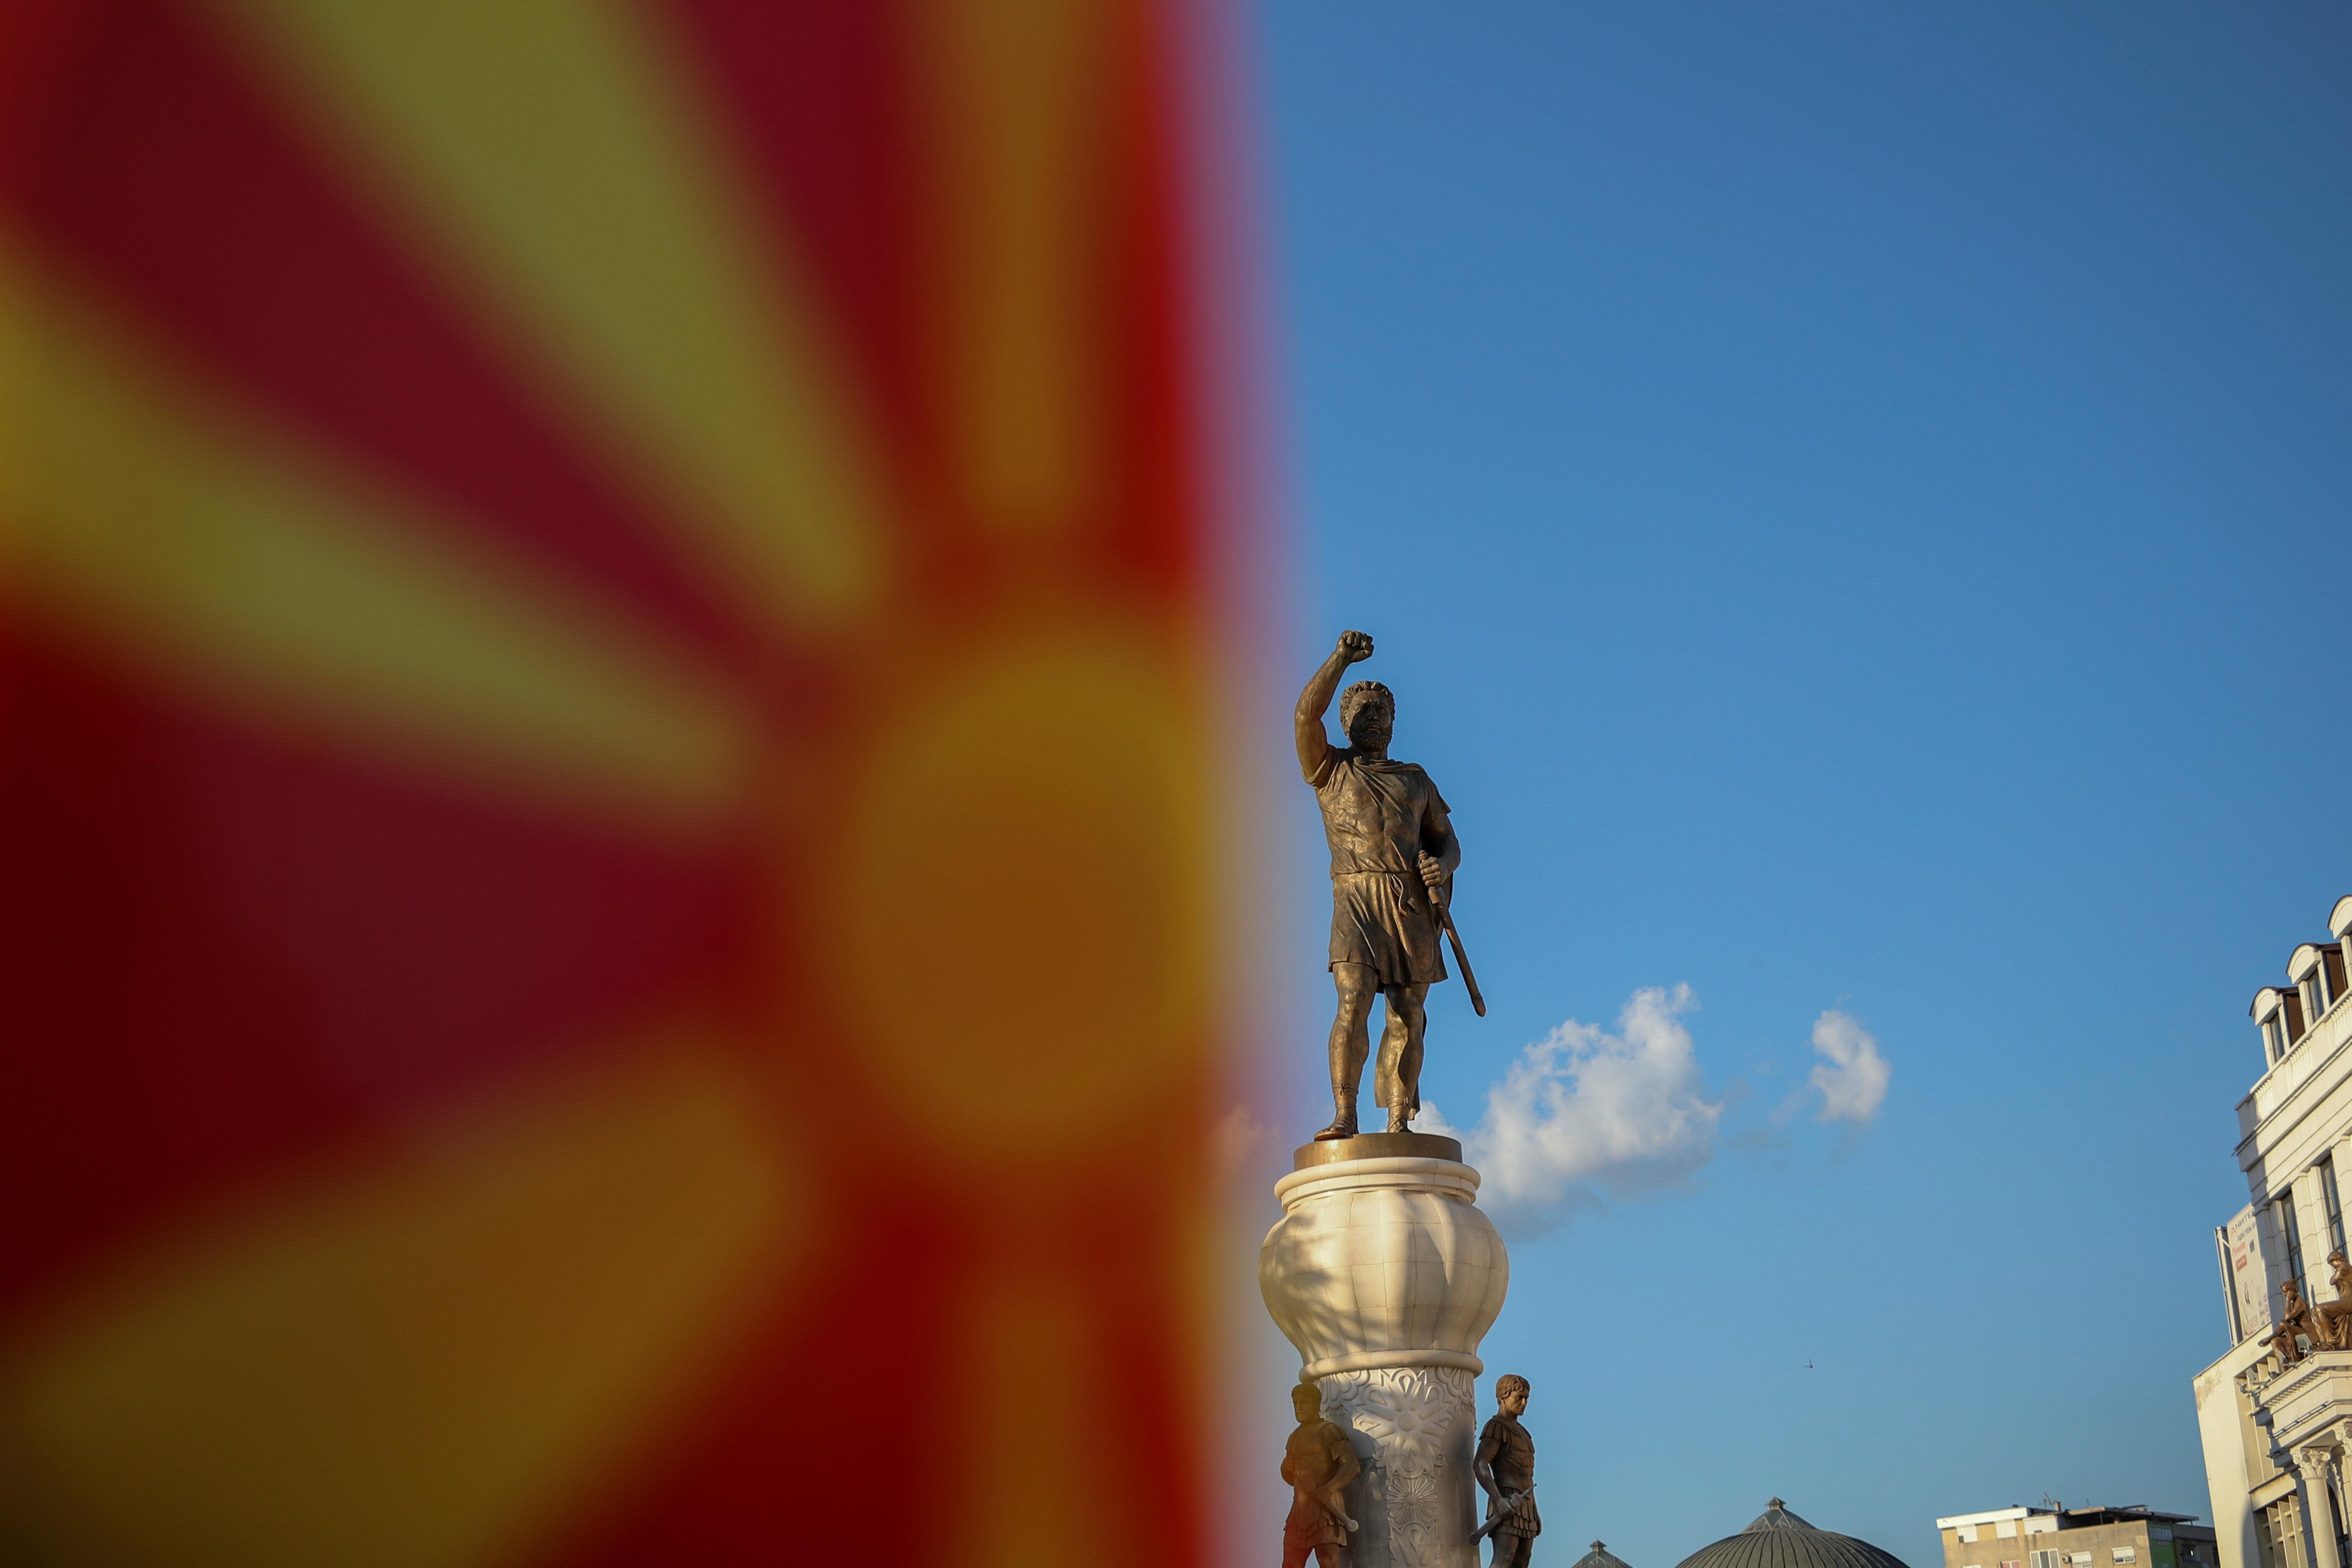 Το πρωί η ψηφοφορία στη Βουλή της πΓΔΜ για την επικύρωση της συμφωνίας με την